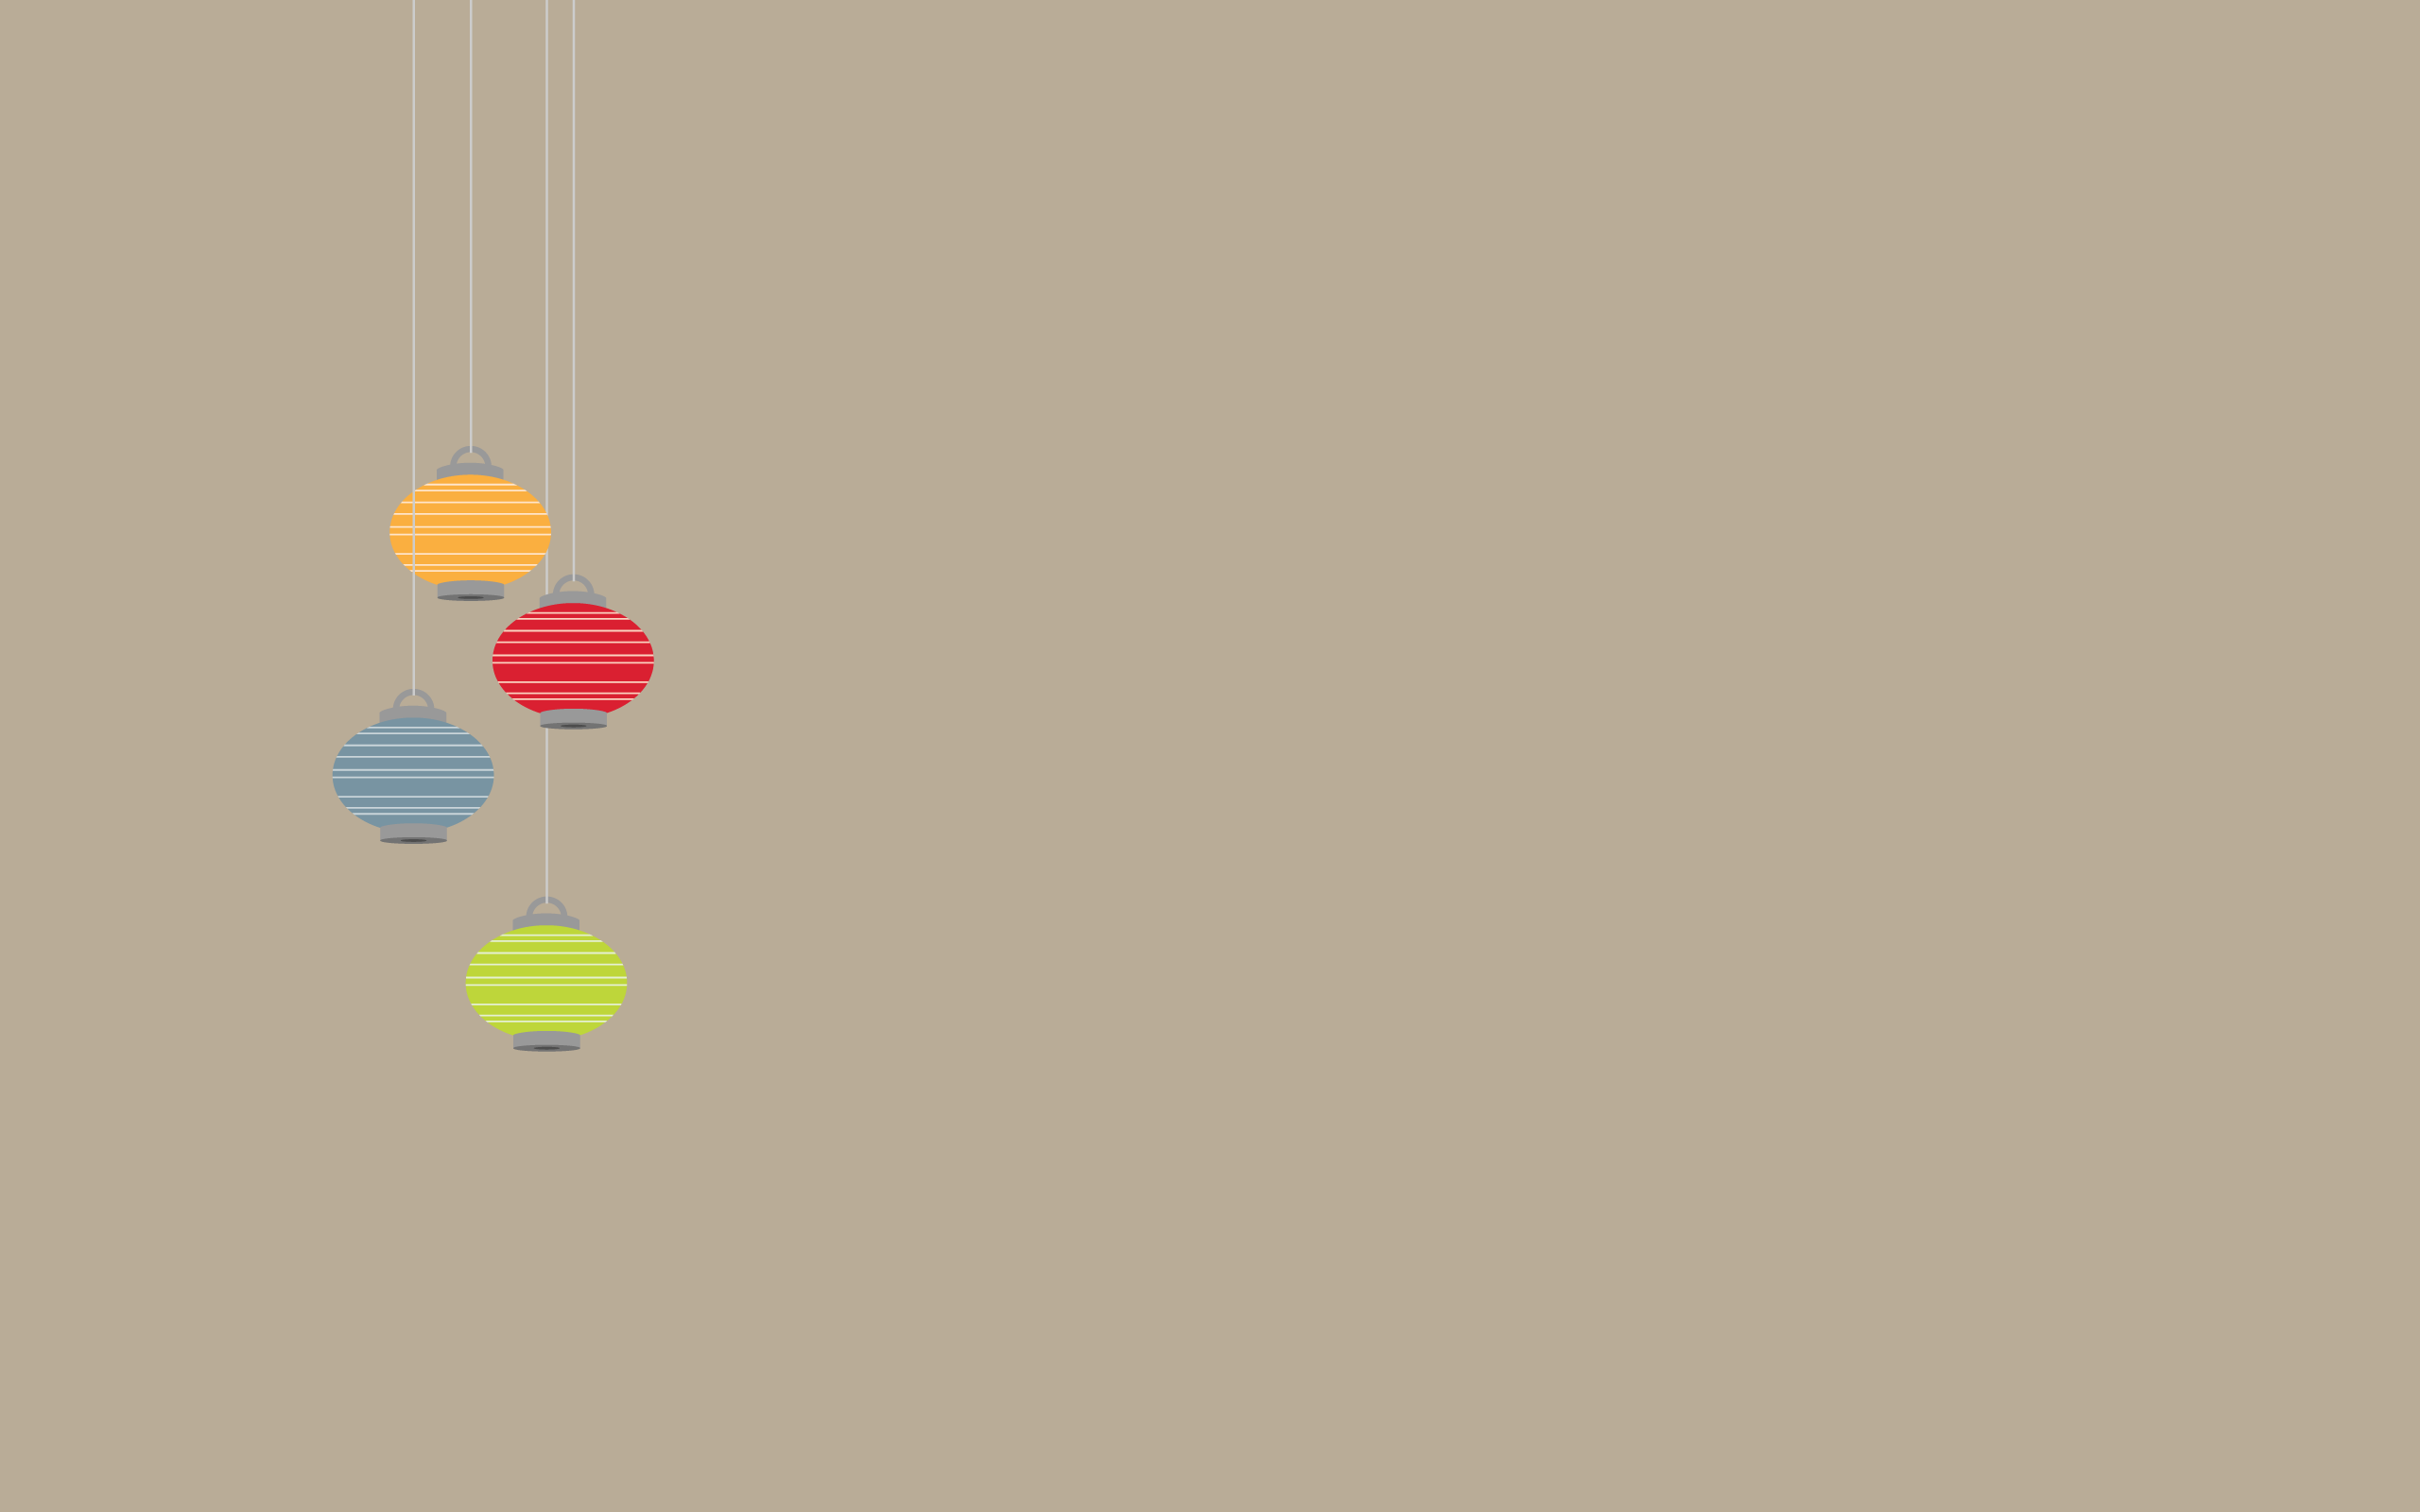 Desktop wallpaper minimalistic minimalist images   1102683 2560x1600